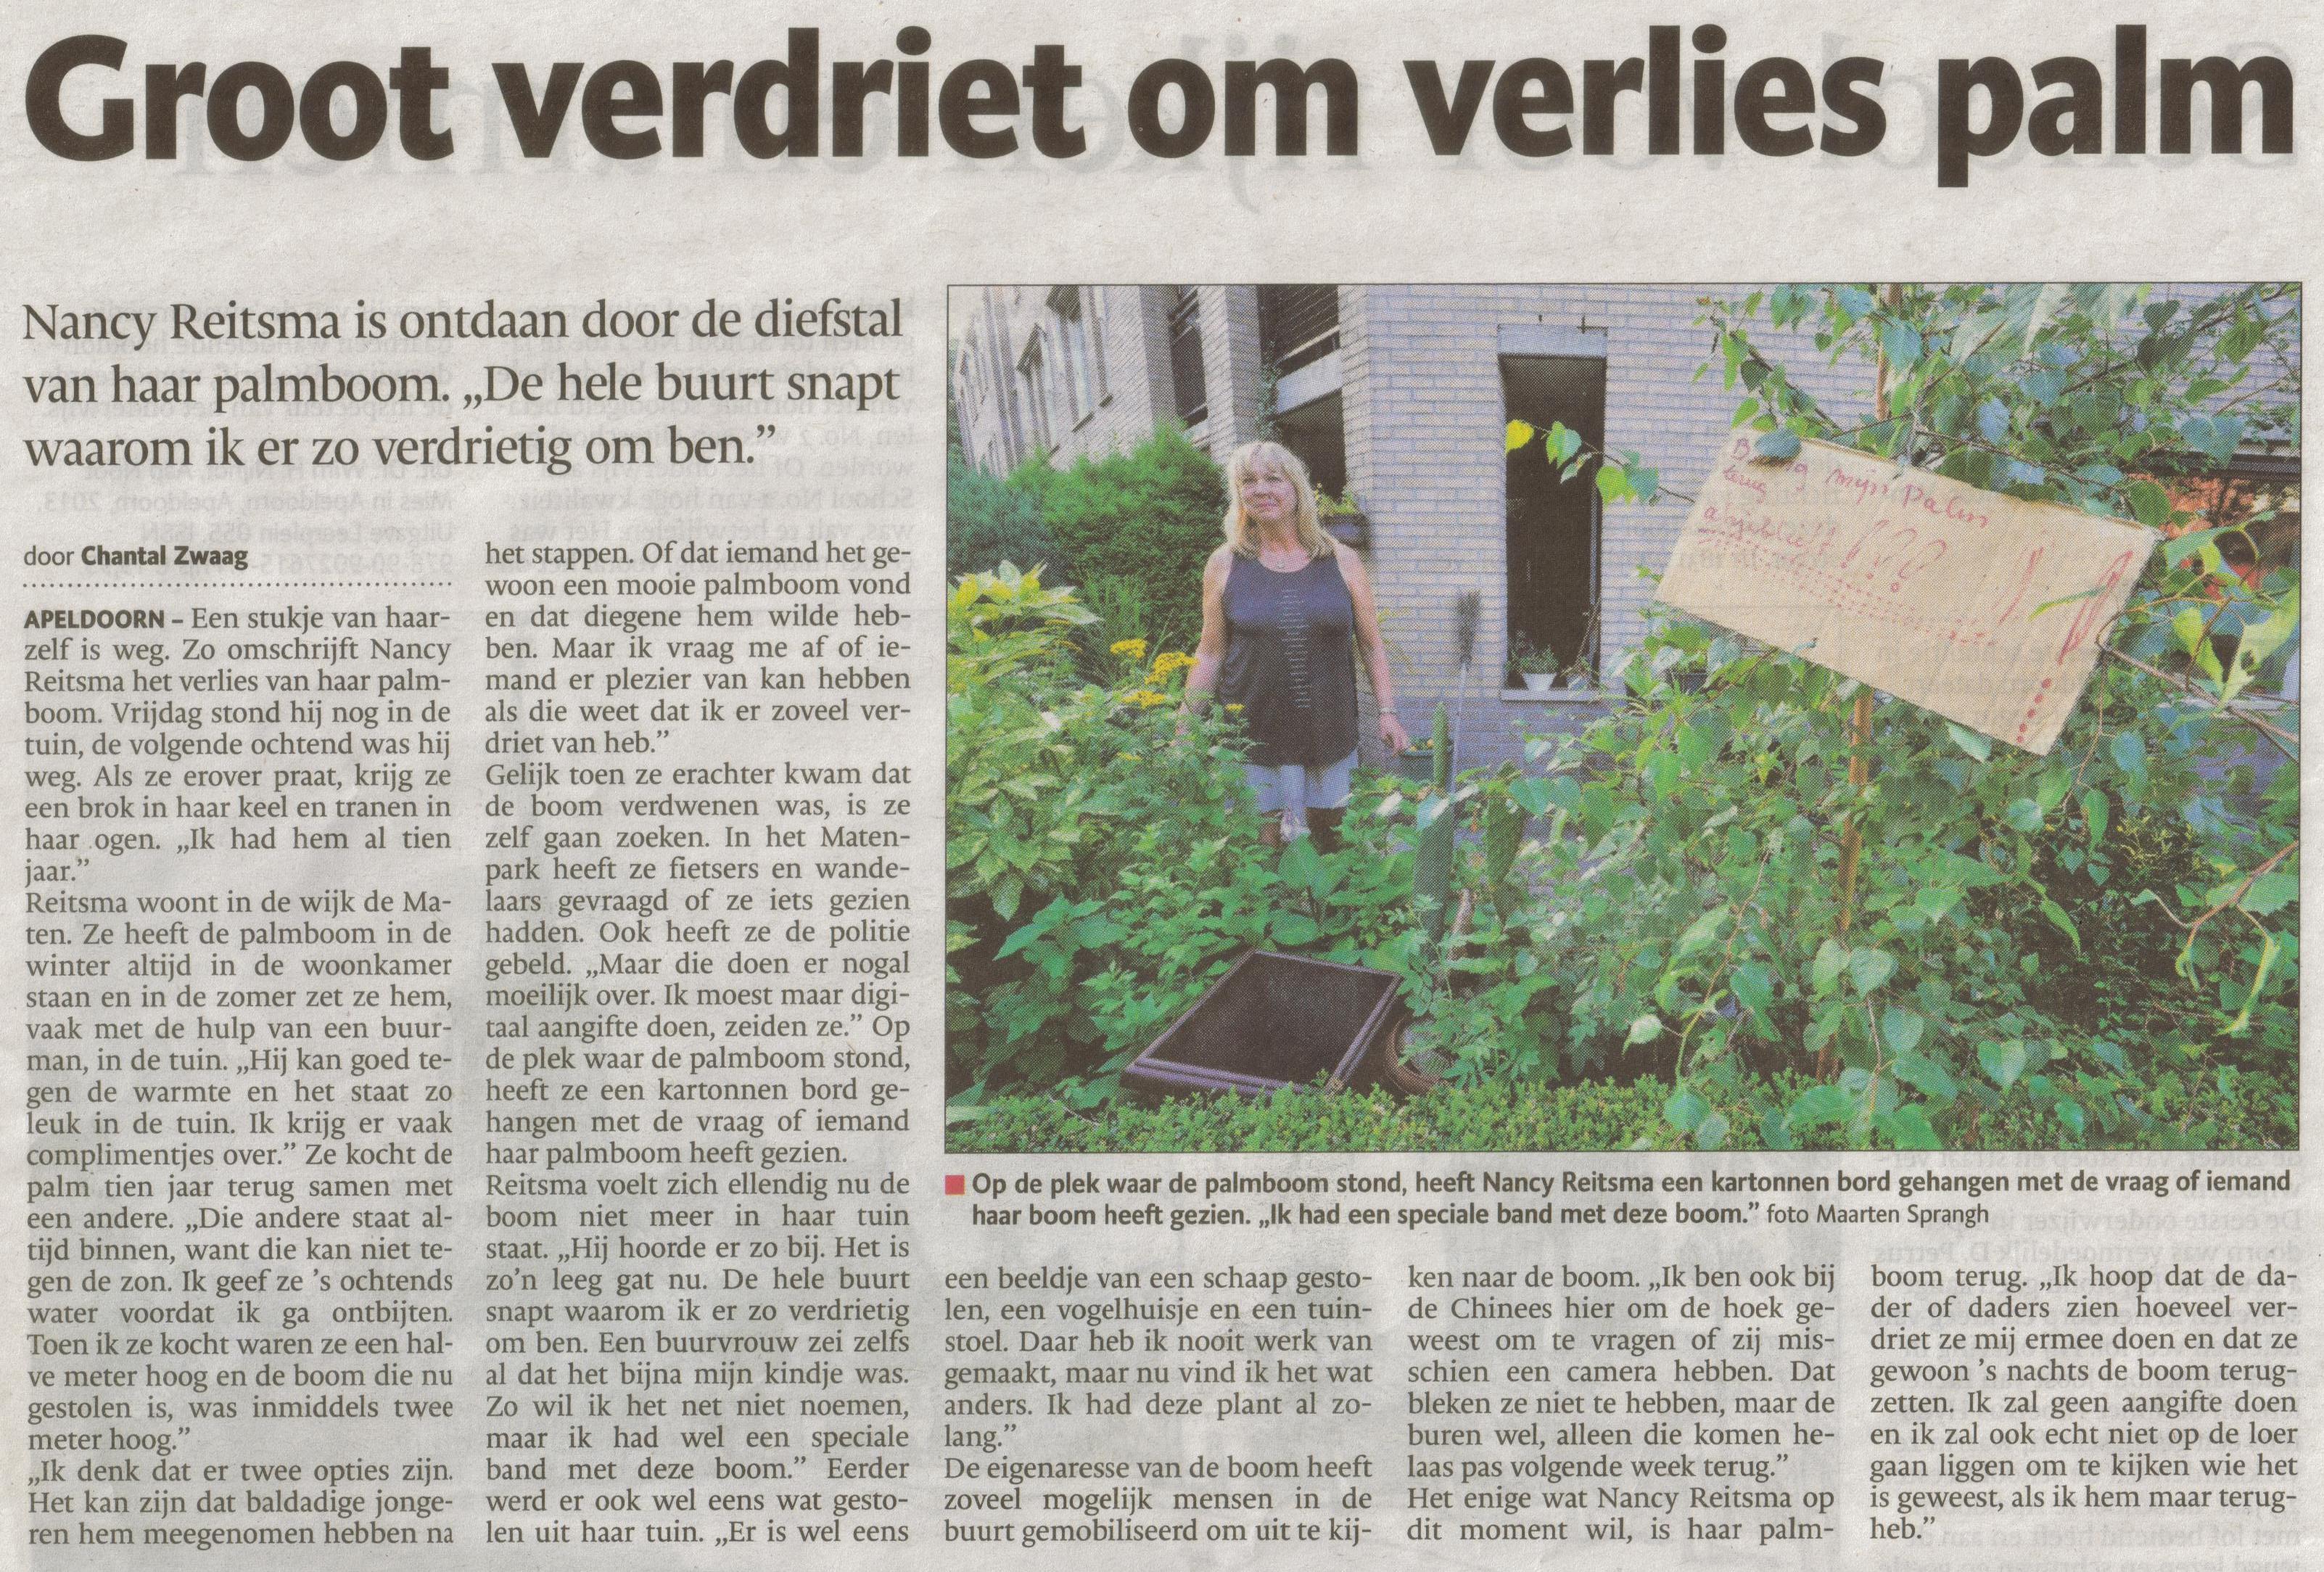 Bron: De Stentor Apeldoorn 8 augustus 2013